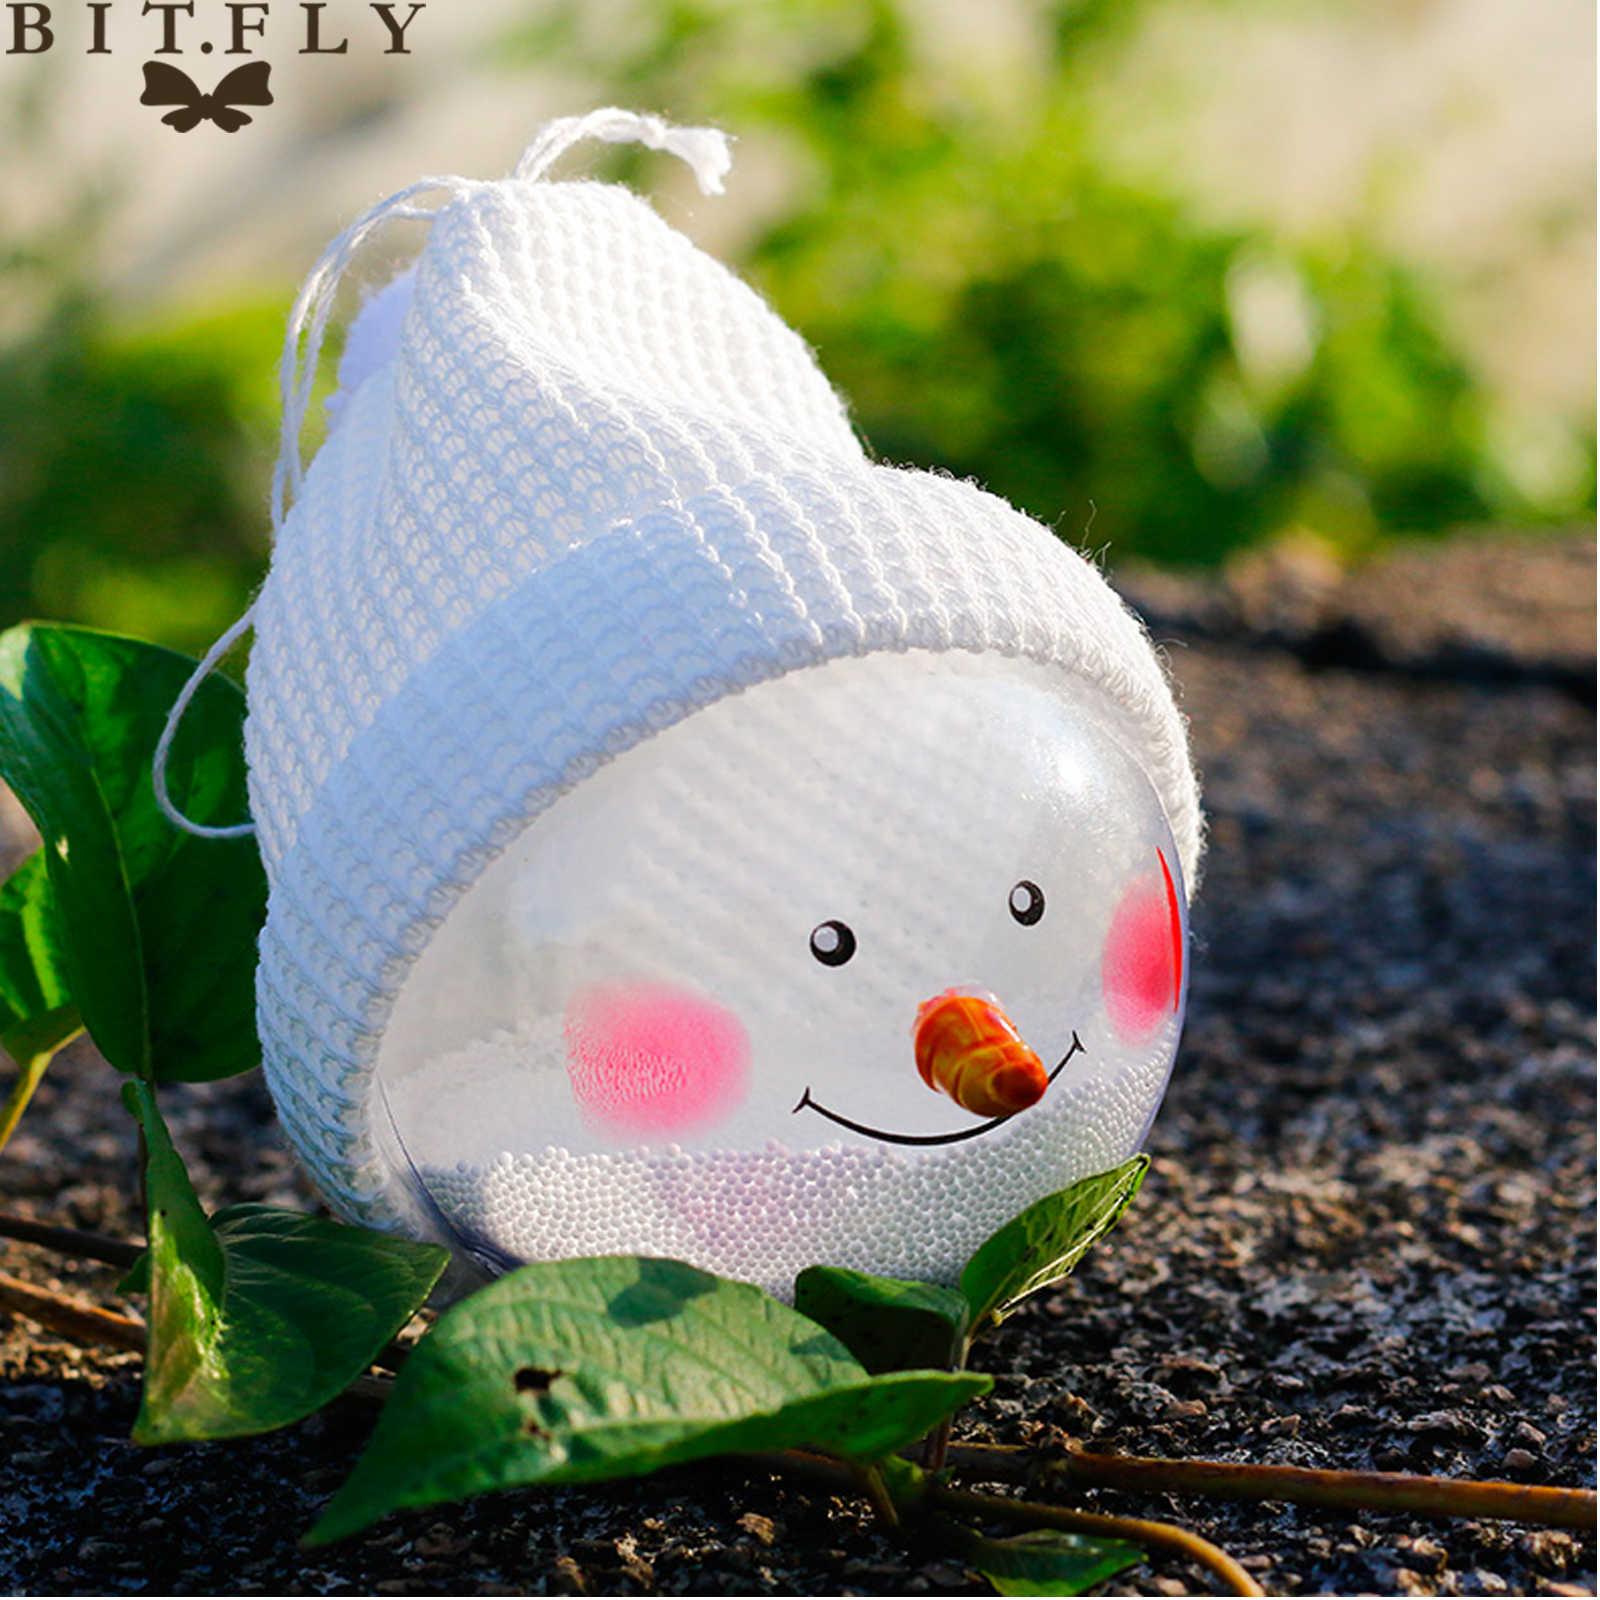 BITFLY ใหม่คริสต์มาสหมวกโปร่งใส Snowman จี้แขวนตกแต่งบอลเด็กของขวัญตุ๊กตา snowman ตกแต่งปีใหม่